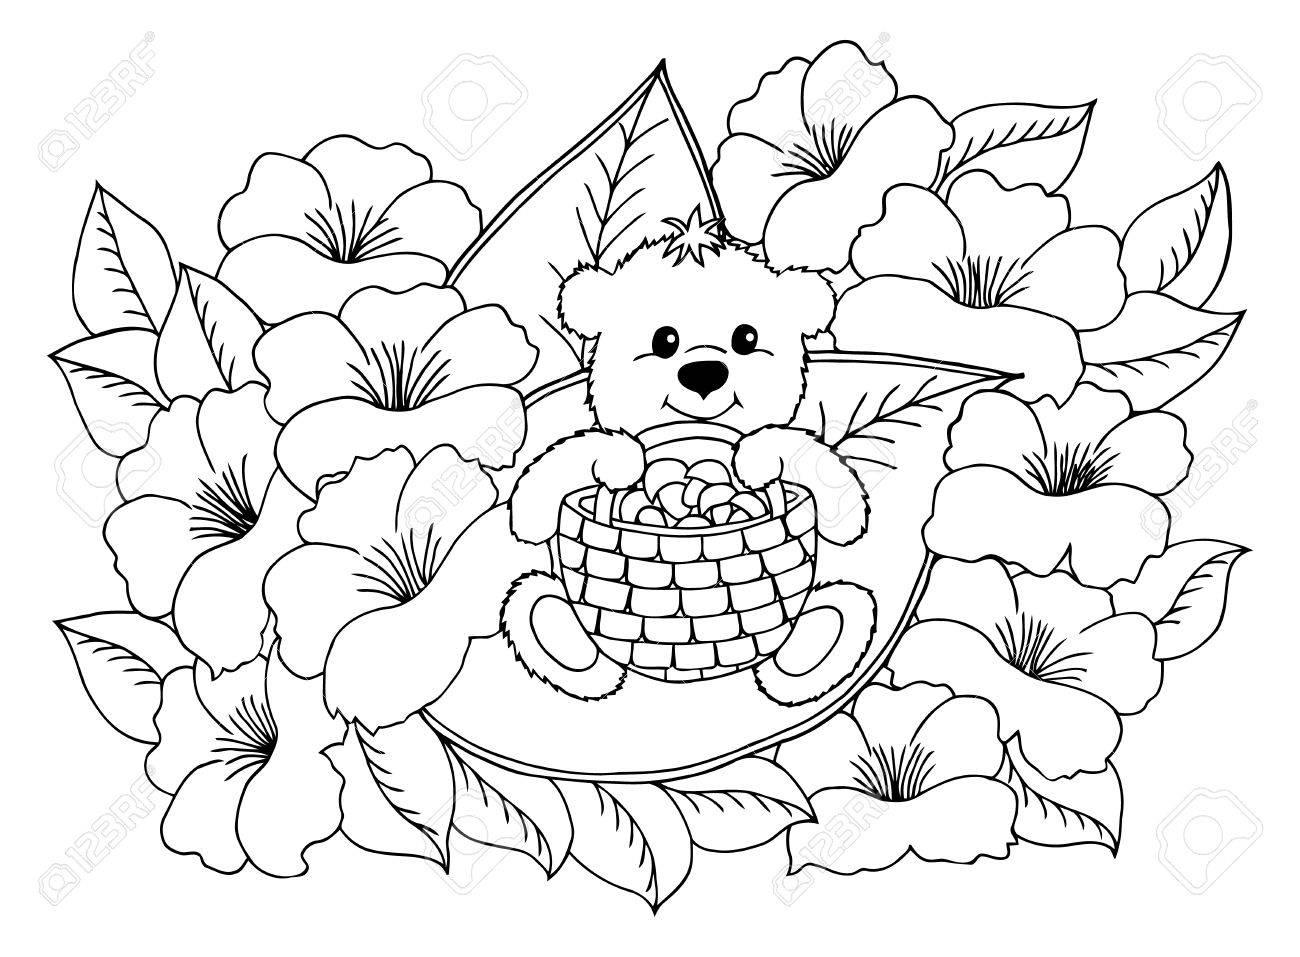 Illustration Ein Teddybär Mit Einem Korb Voller Pilze Unter Den ...